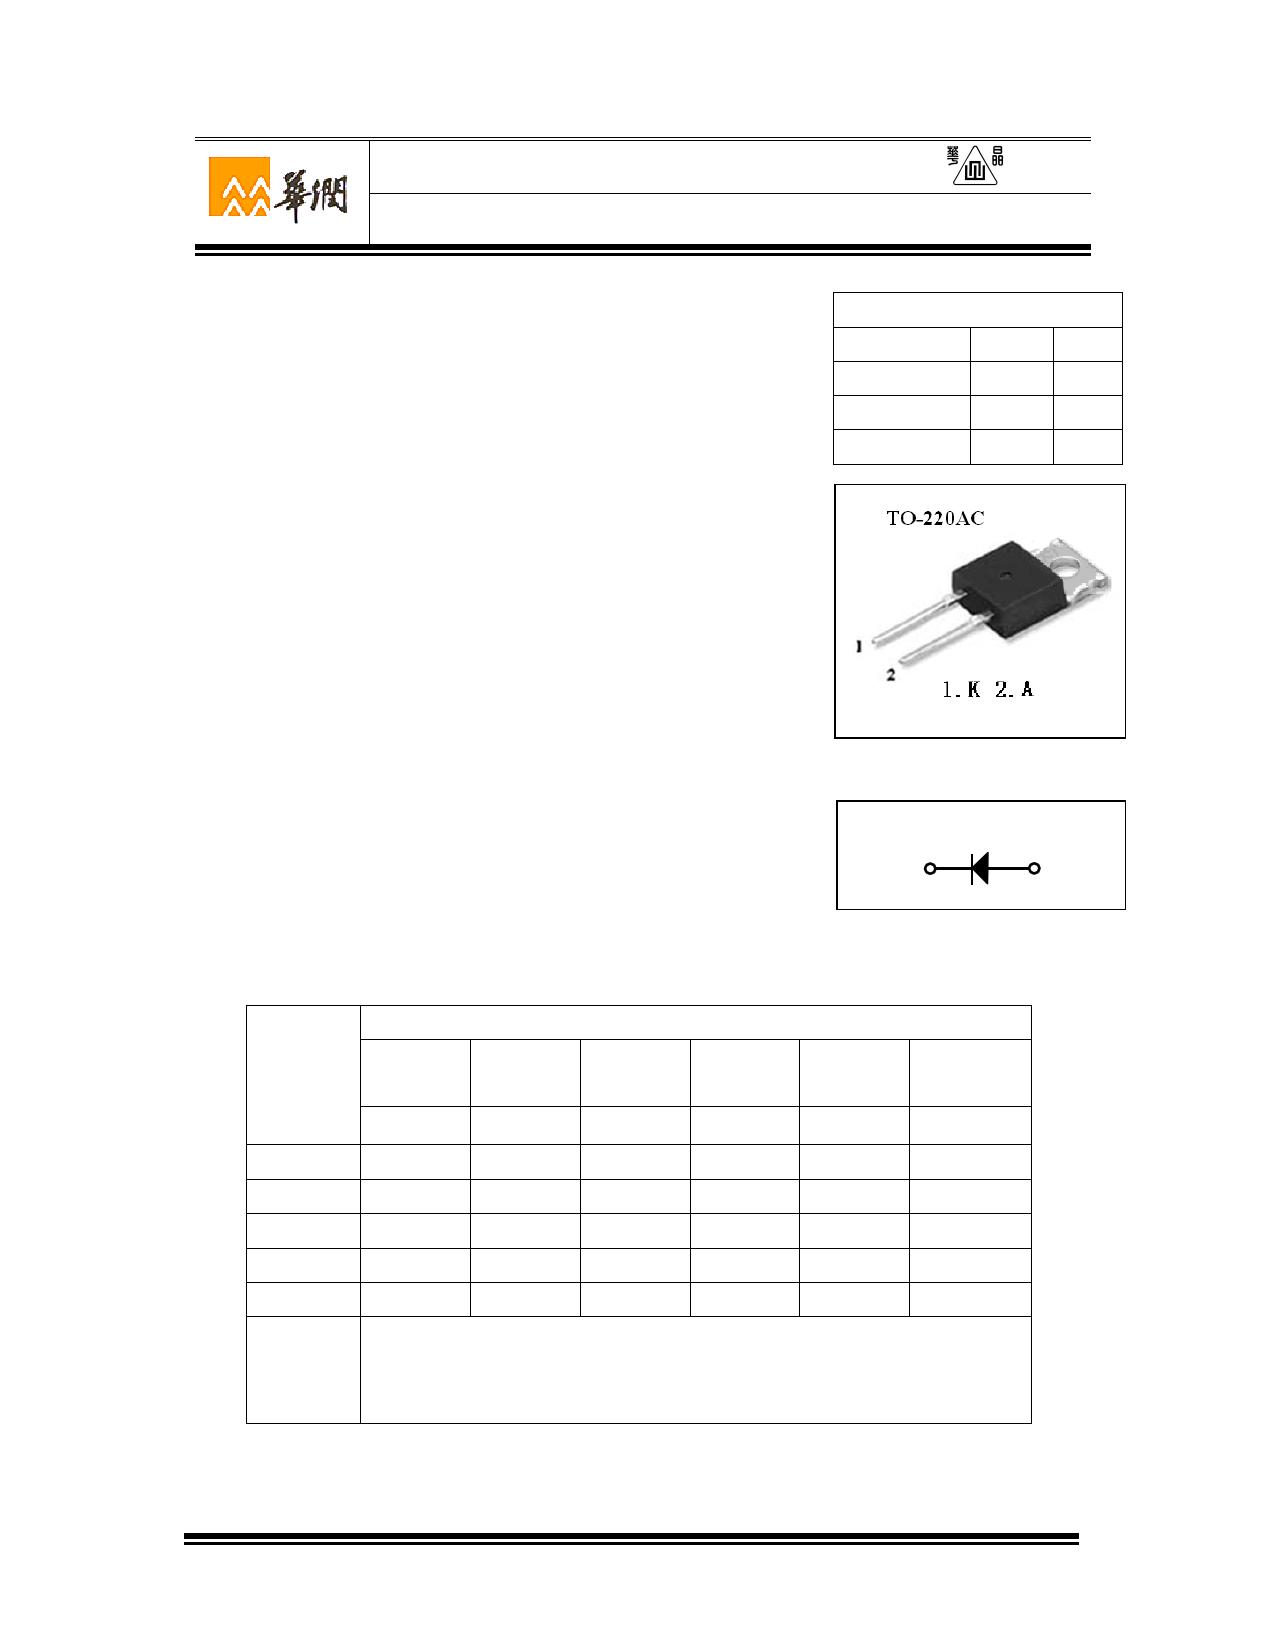 2CR104AC Datasheet, 2CR104AC PDF,ピン配置, 機能